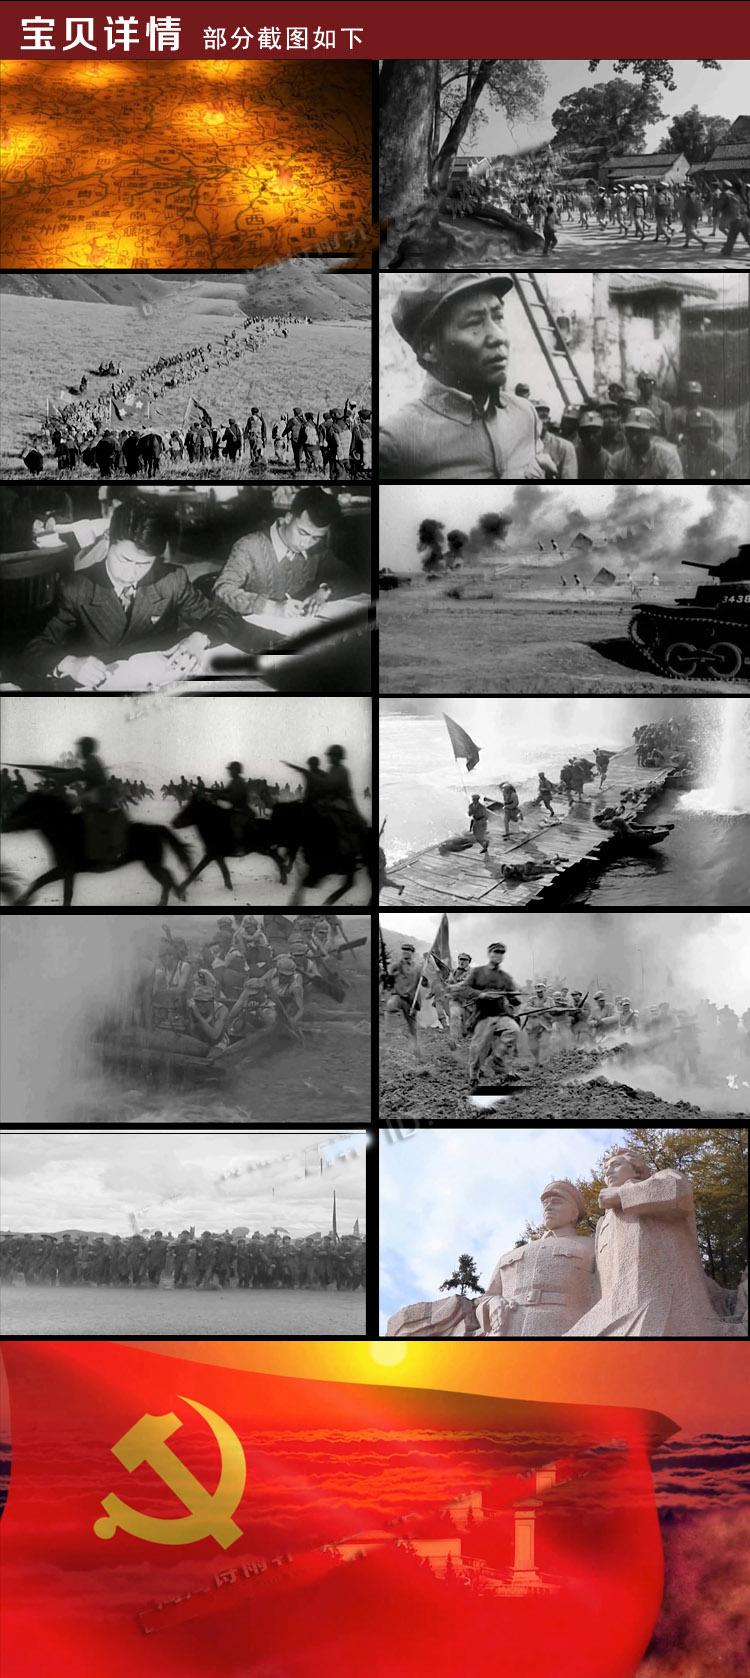 抗战打仗视频素材 抗日战争红军长征 解放战争新中国成立视频素材